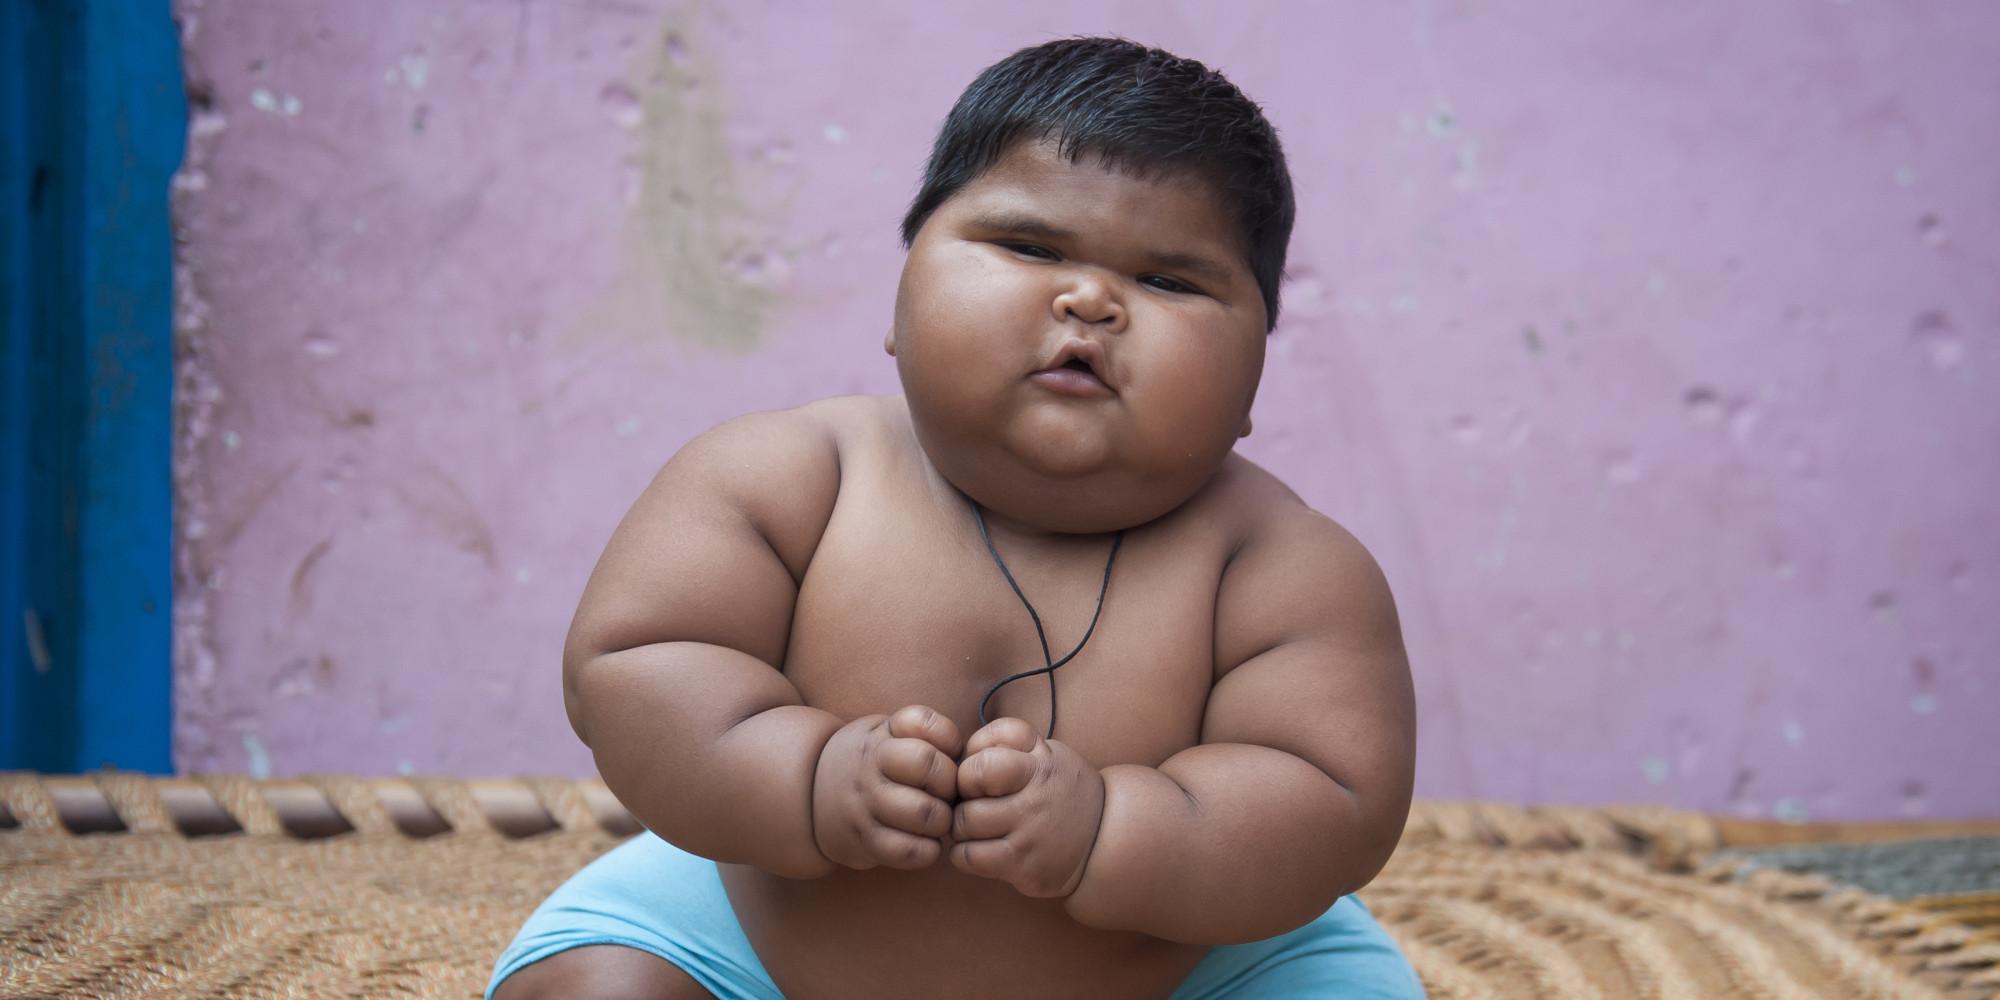 سیگار کشیدن مادر در دوران بارداری موجب چاقی کودک می شود